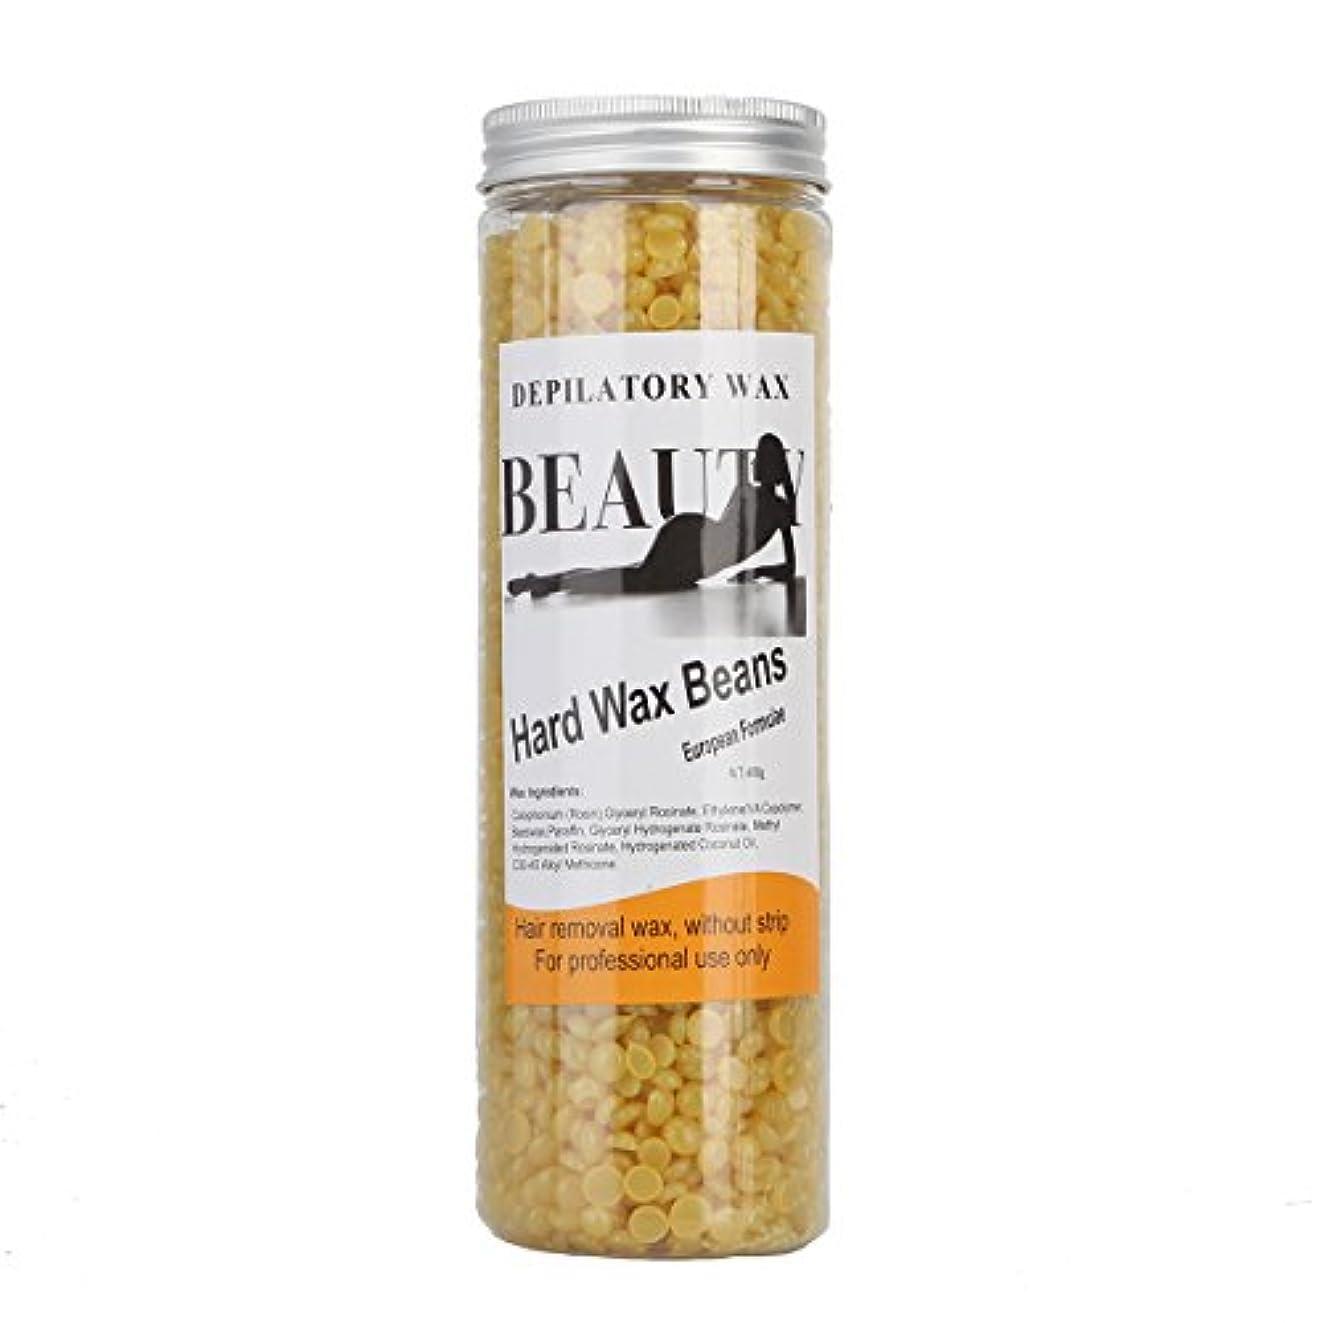 極貧ただ狂信者(アーニェメイ)Bonjanvye ワックス脱毛 スパチュラ 2本 ブラジリアンワックス 粒 400g 1缶 ワックス脱毛セット-ハチミツ